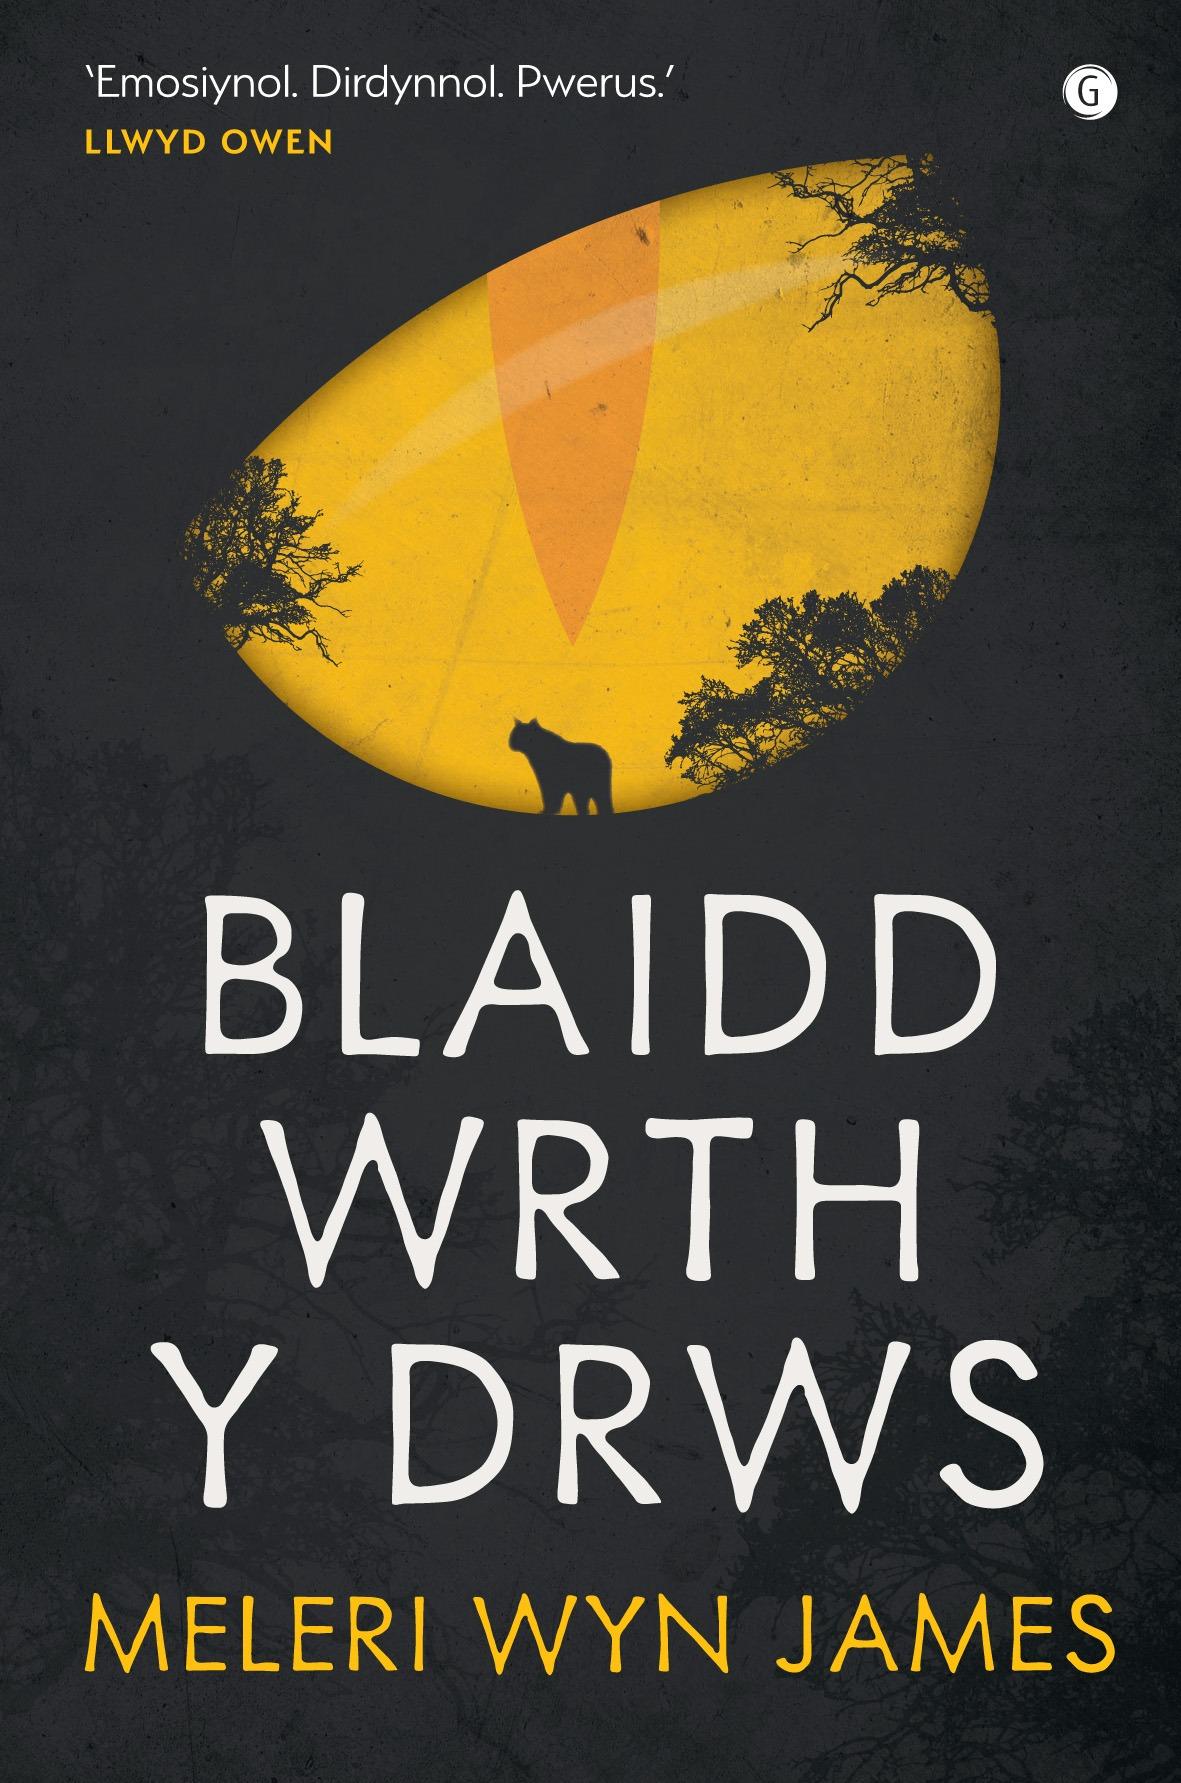 Meleri Wyn James Blaidd Wrth y Drws